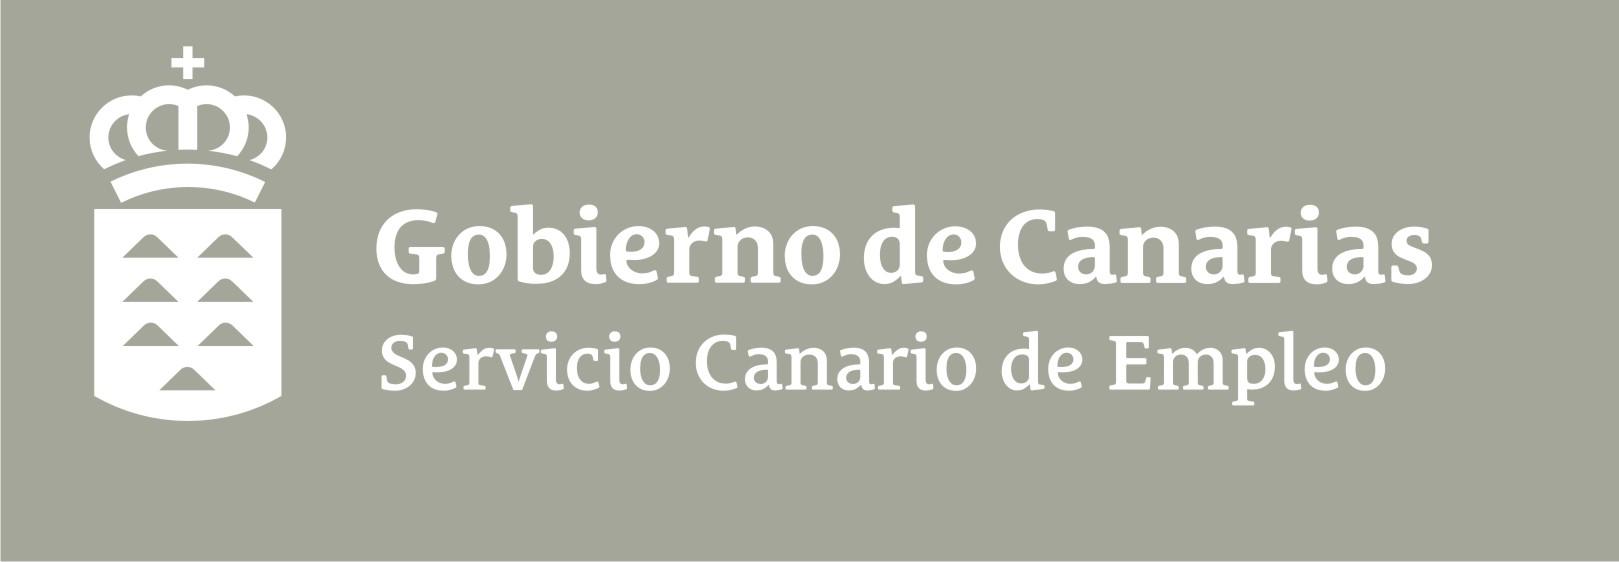 Servicio Canario De Empleo Conocer Chica Citas España-32779